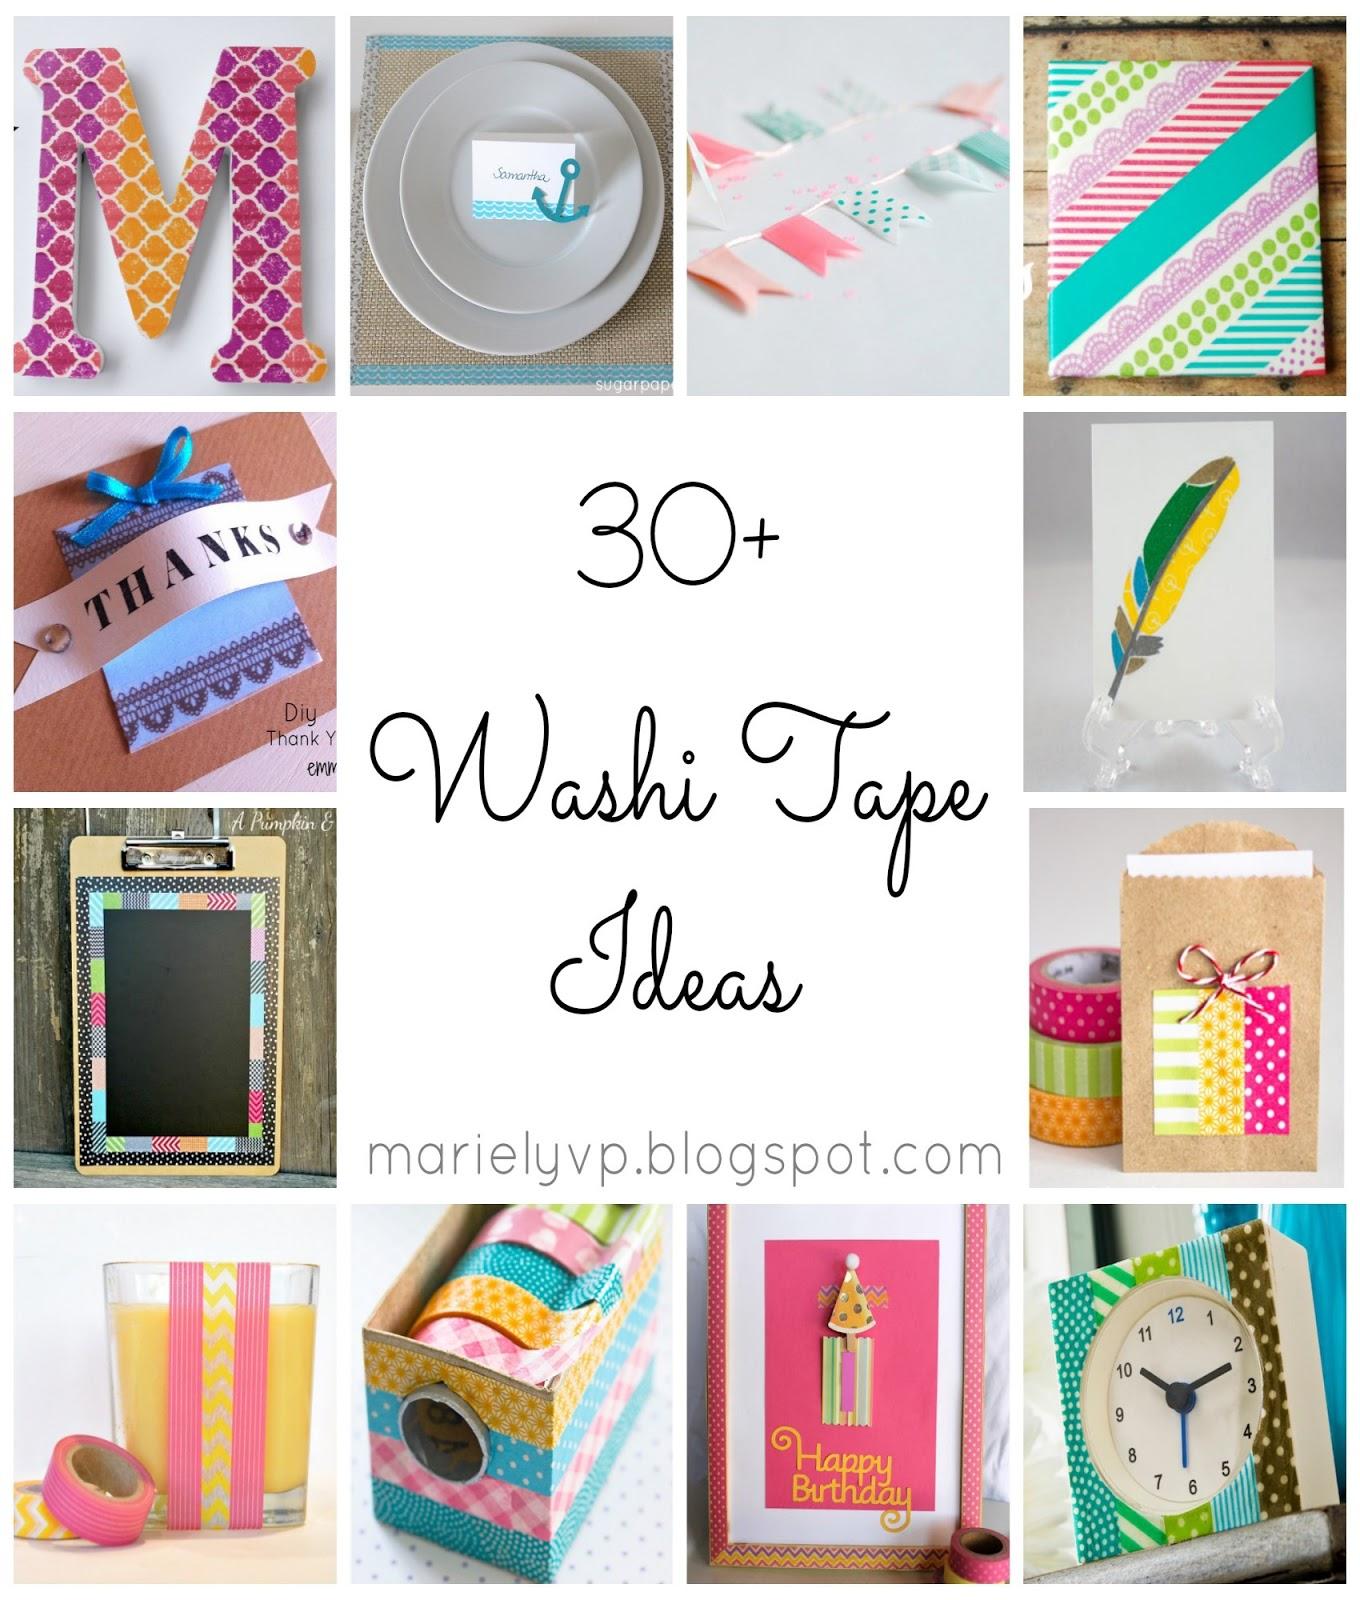 Washi Tape Ideas we read!: 30+ washi tape ideas {round-up}